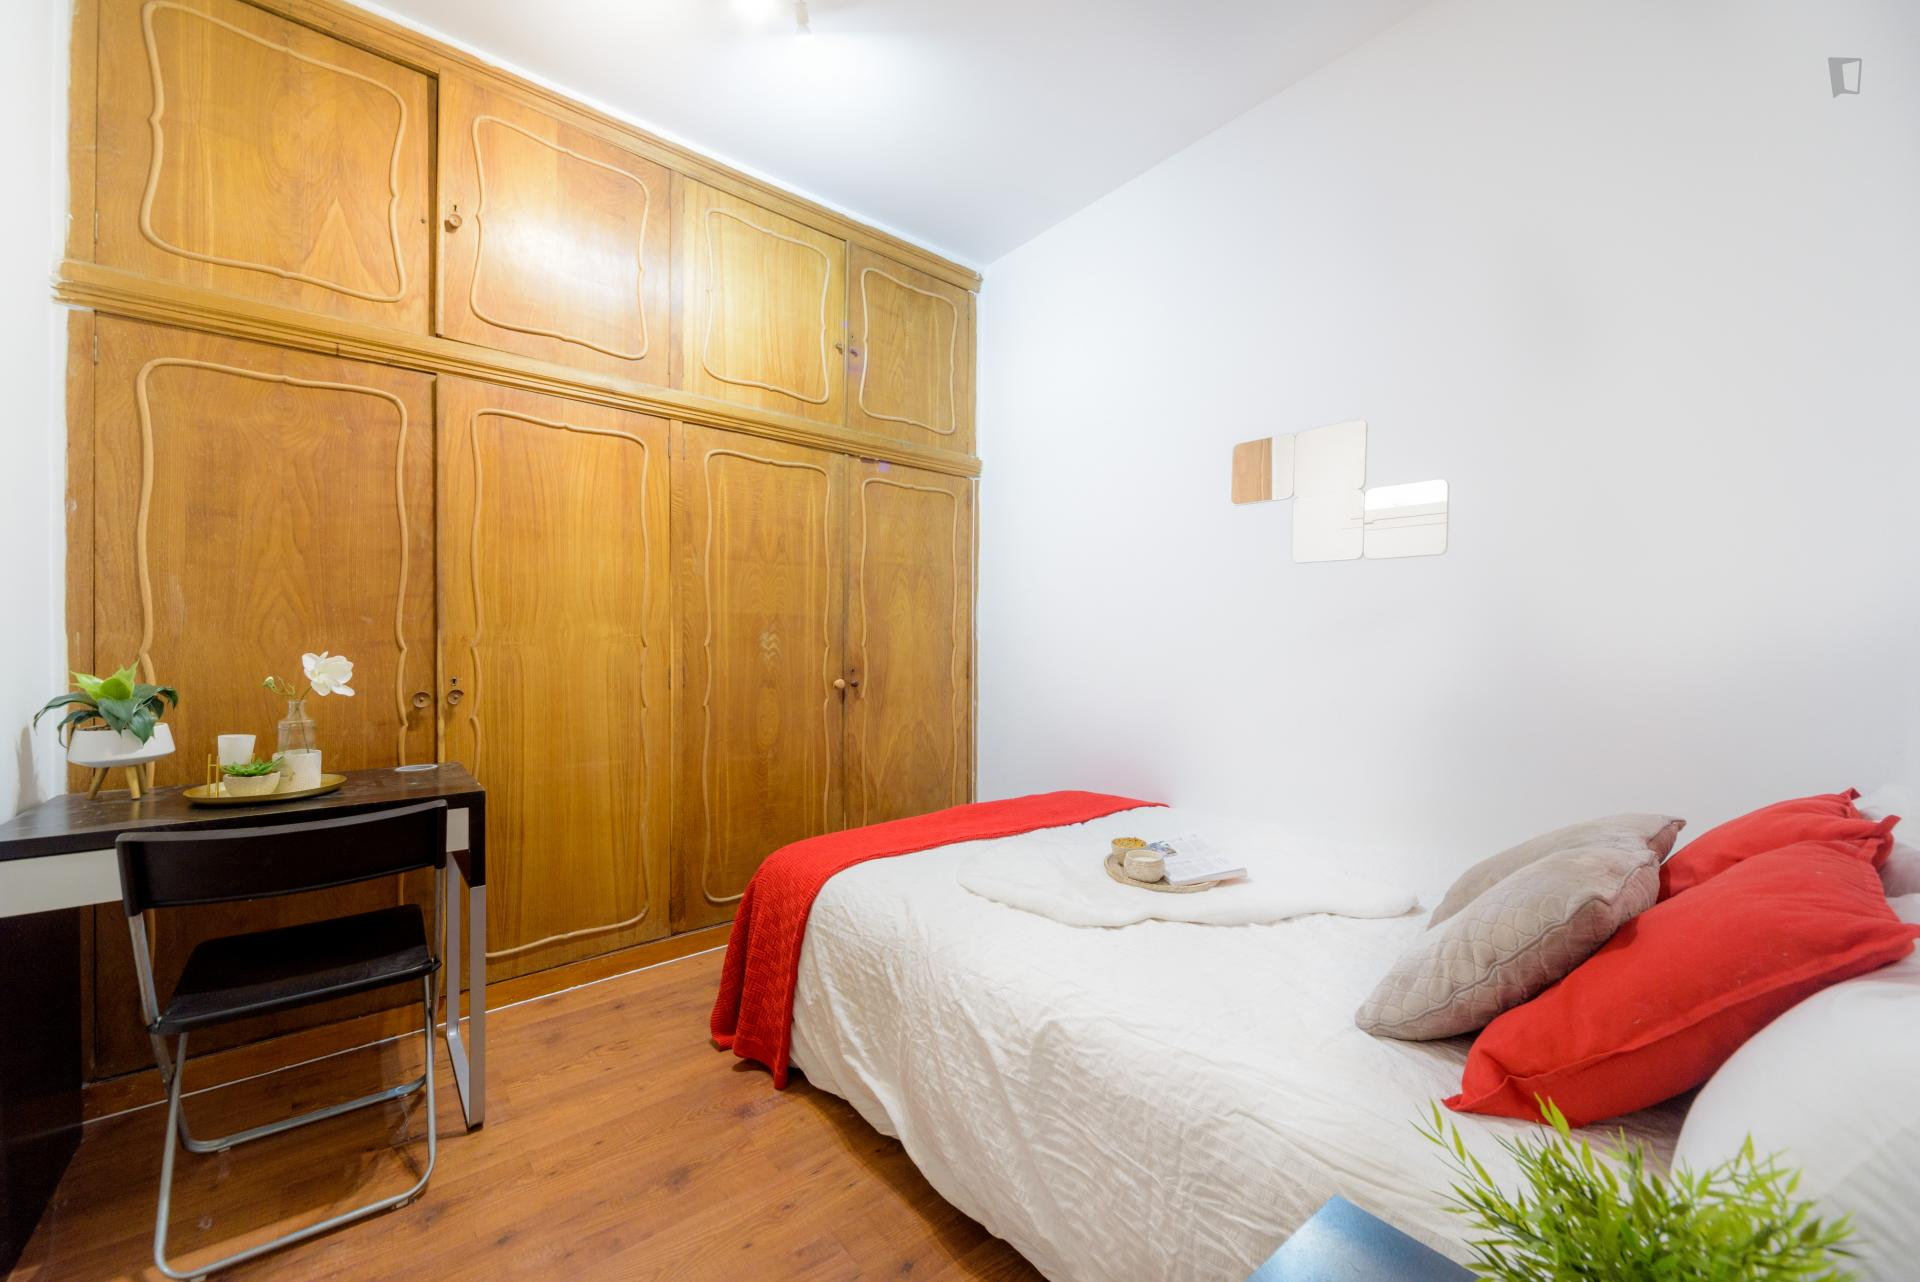 Bailen - Single bedroom in a shared flat in Madrid